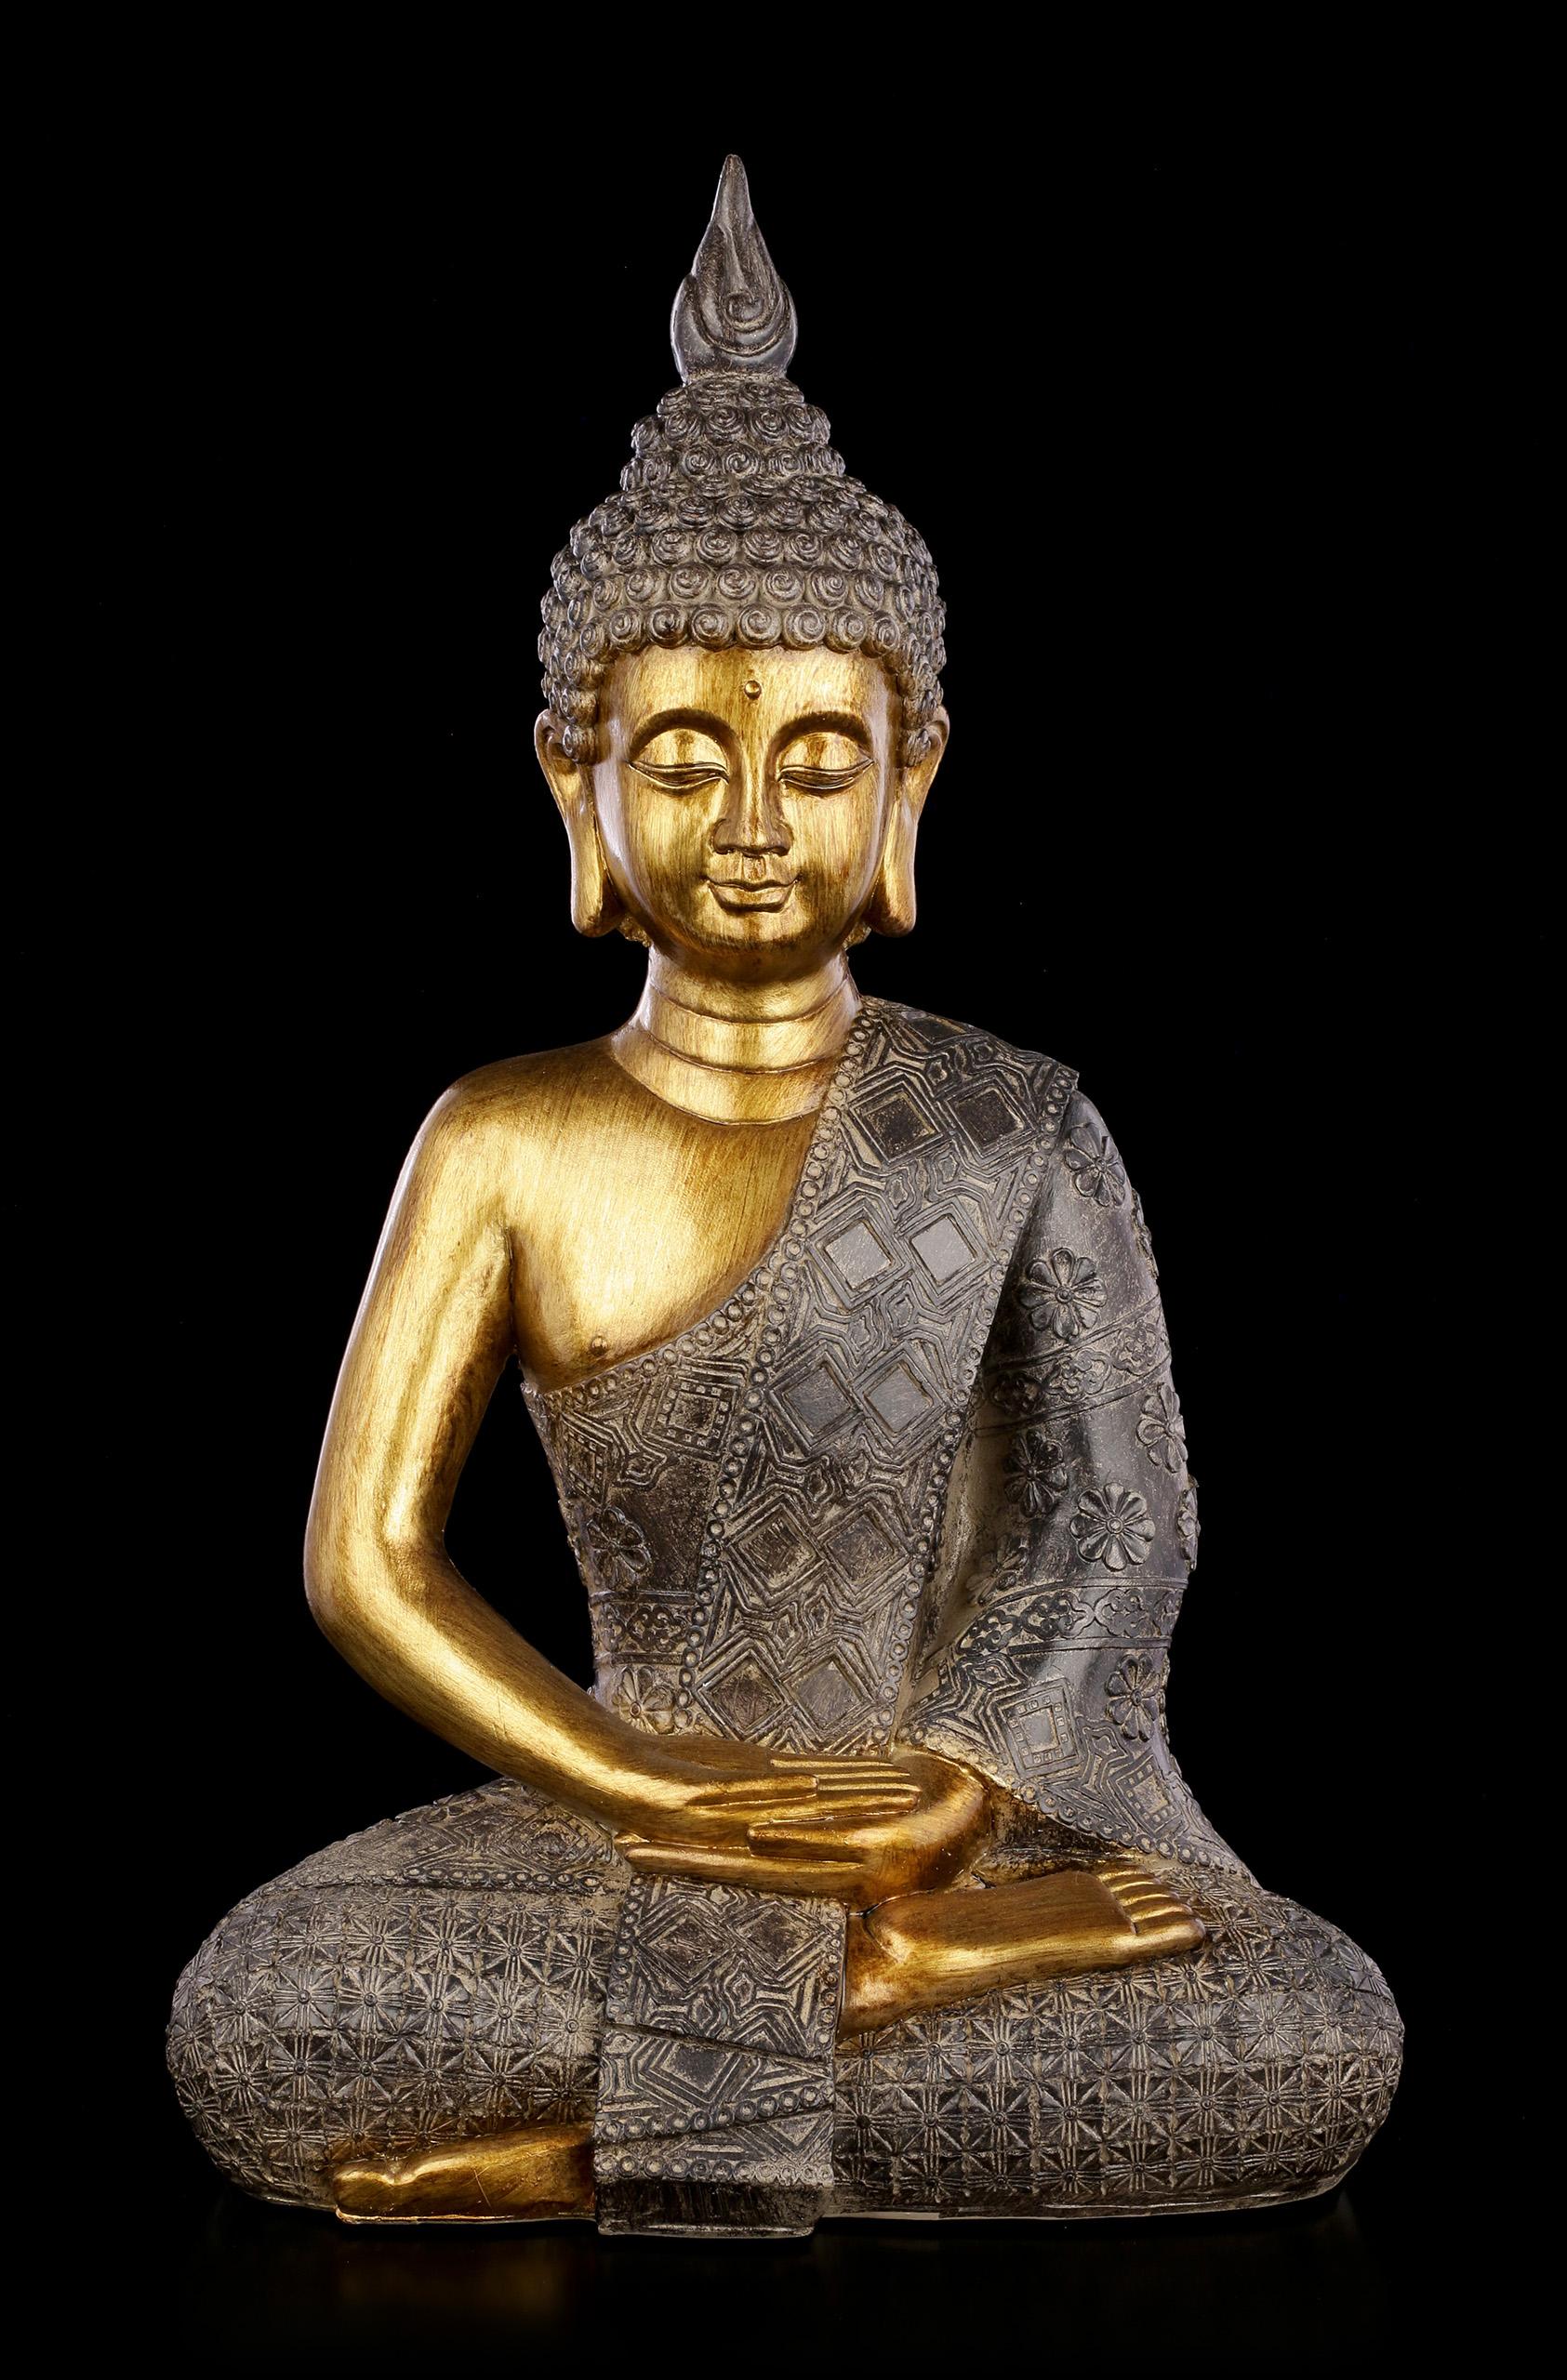 Buddha-Figuren & Hindu-Götter online kaufen | Figuren-Shop